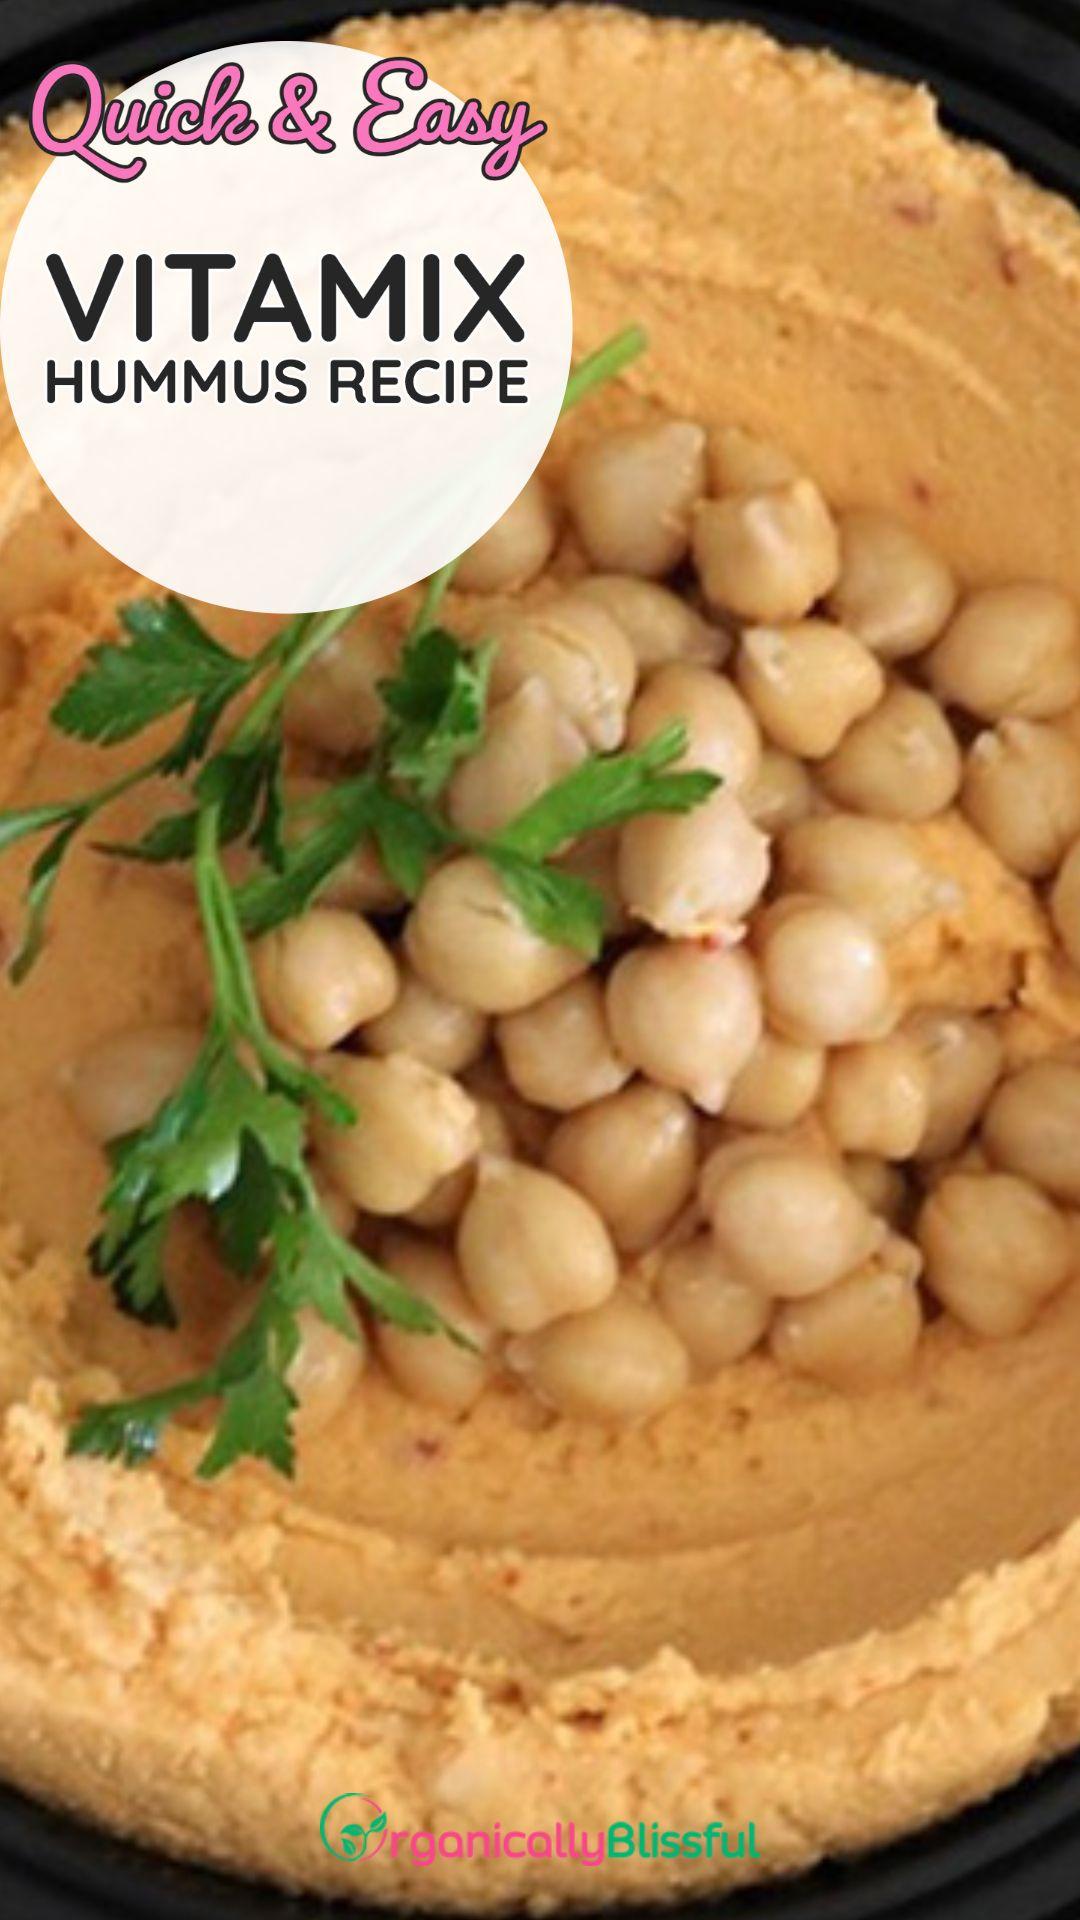 Vitamix Hummus Recipe Recipe Recipes Hummus Recipe Food